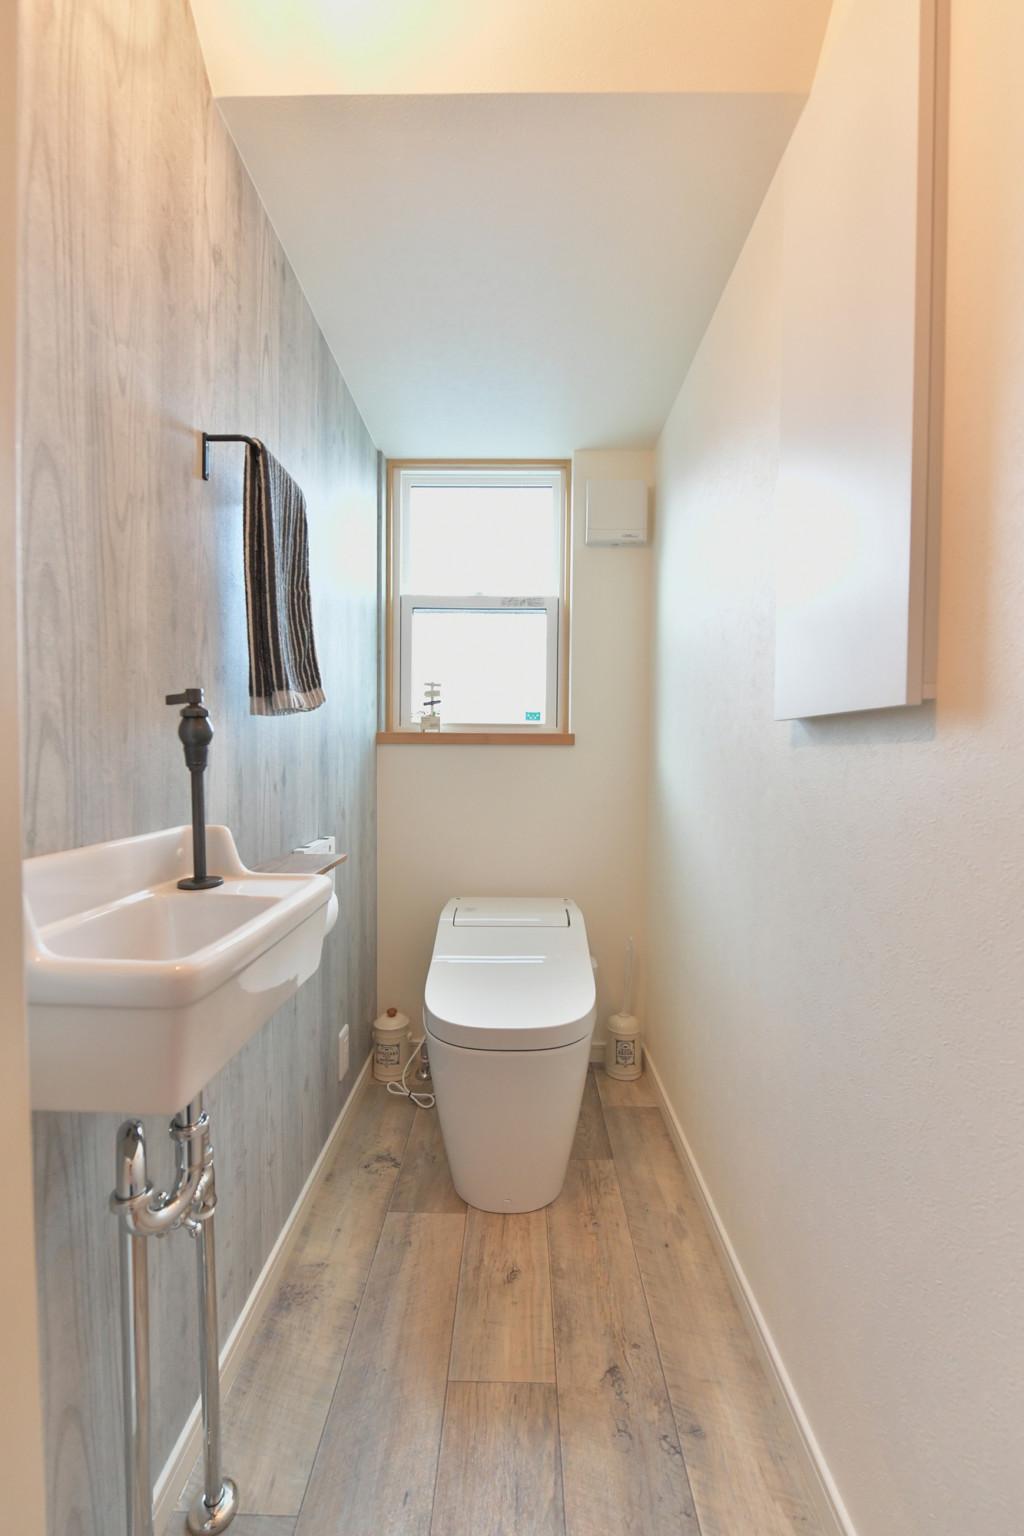 浜松市の工務店のエコーアートが建てたナチュラルかわいい家のトイレ写真